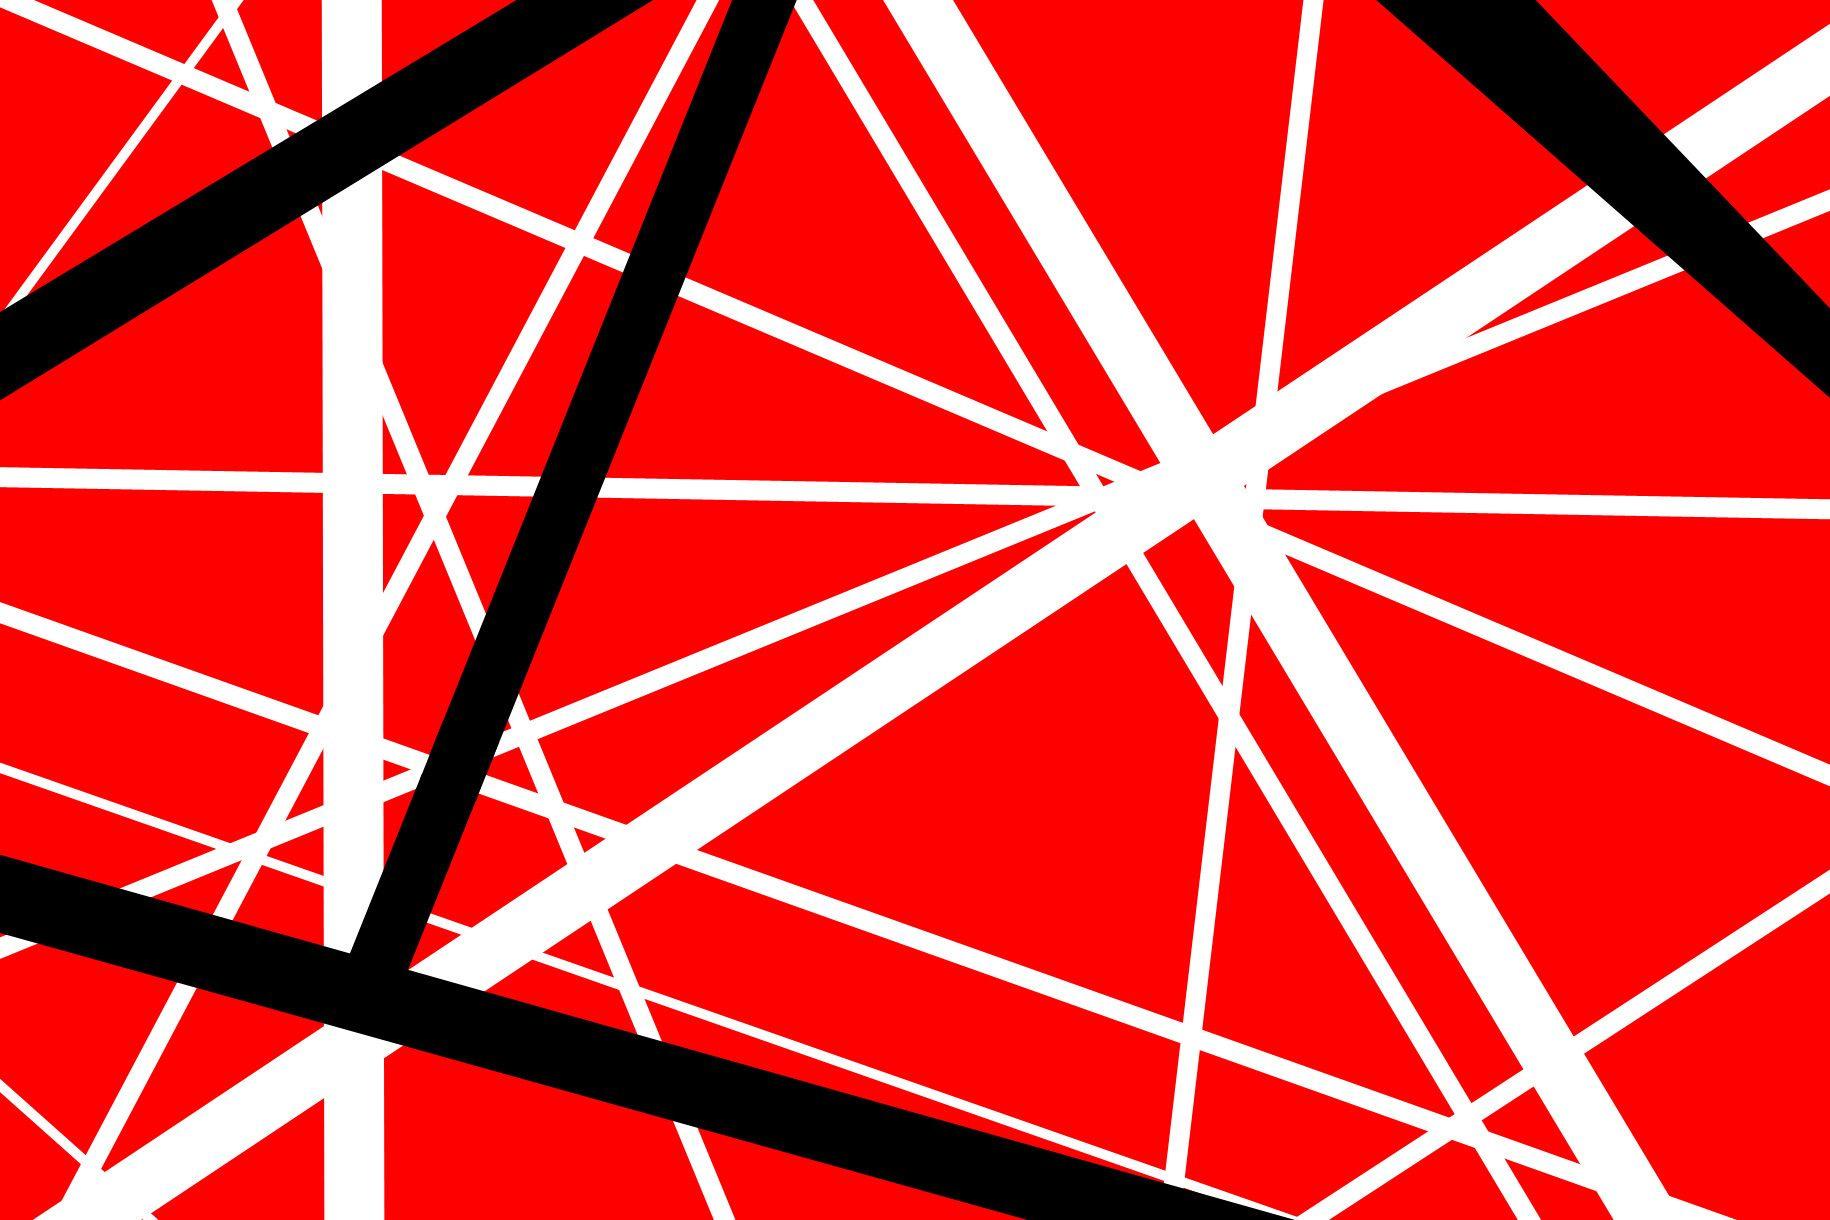 download Van Halen Wallpaper [1830x1220] for your Desktop 1830x1220